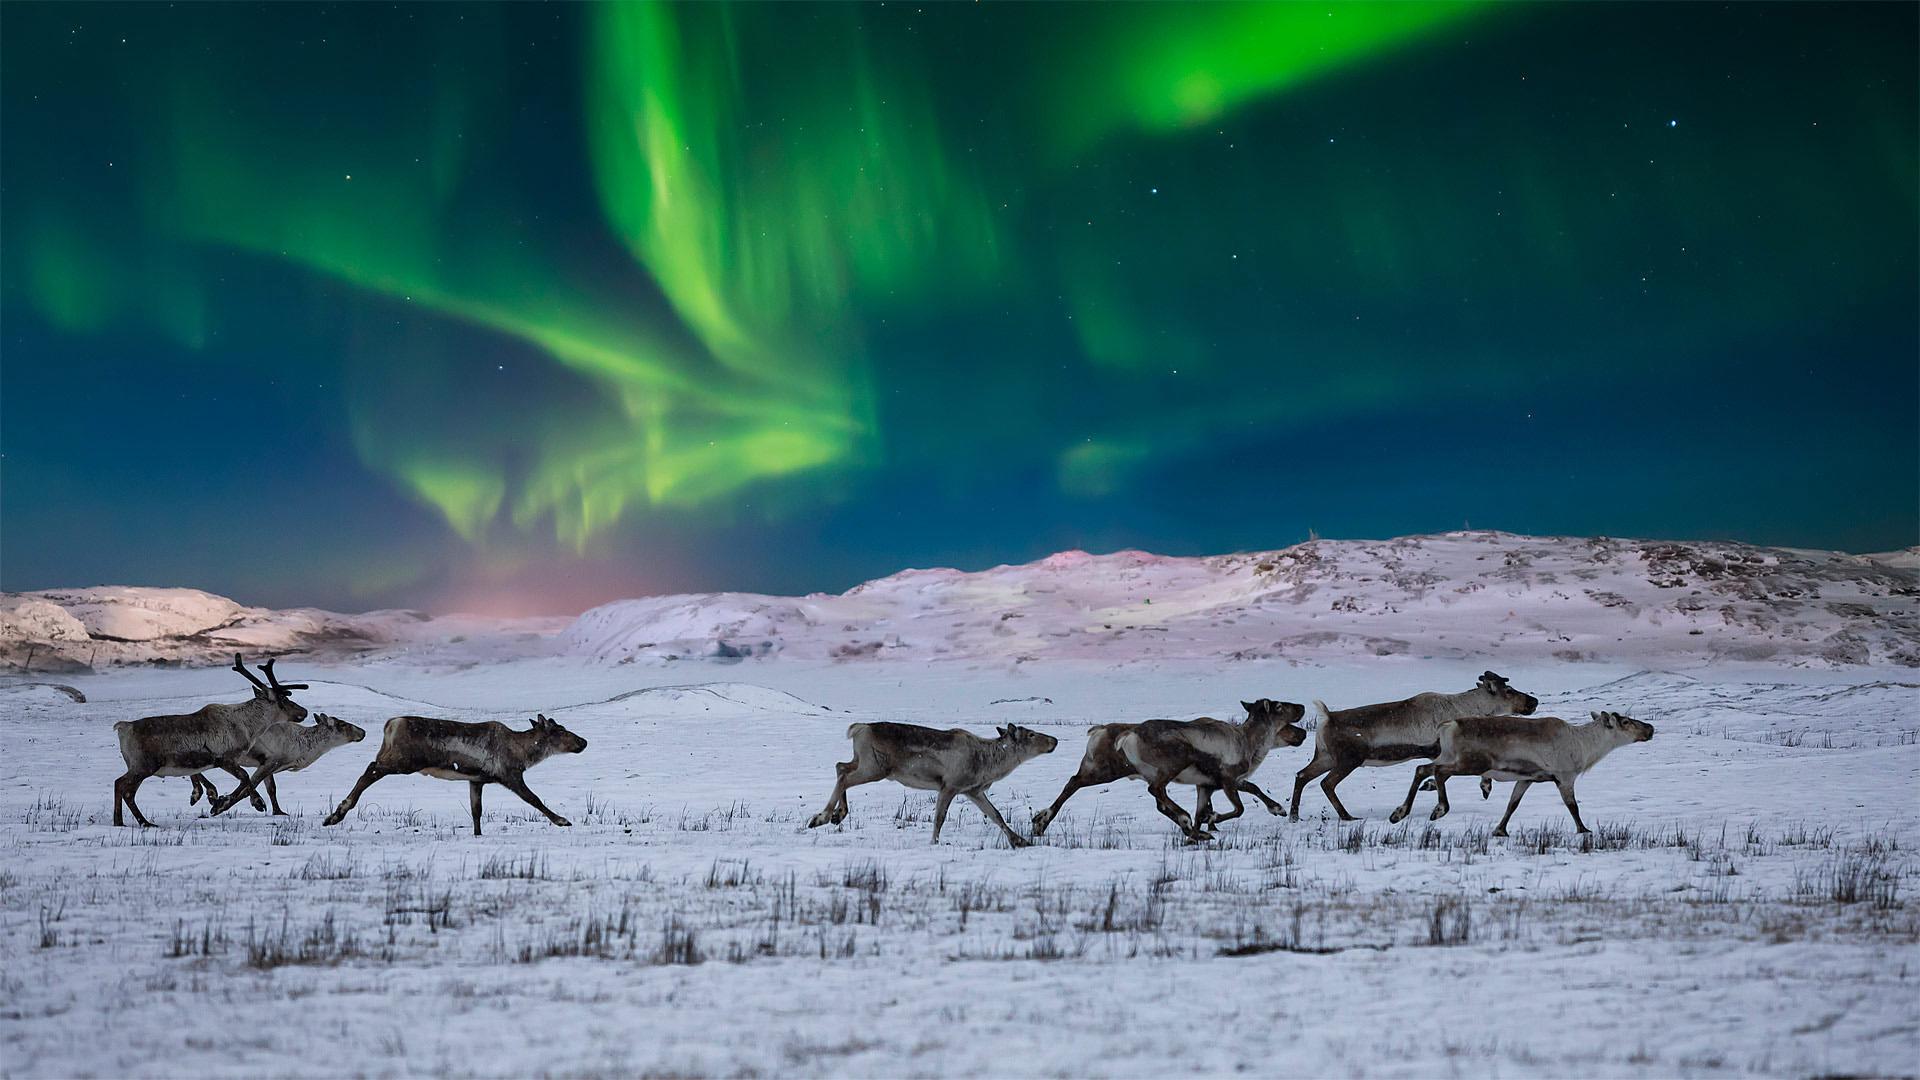 风景大片,奇幻梦境,麋鹿,雪地,北极